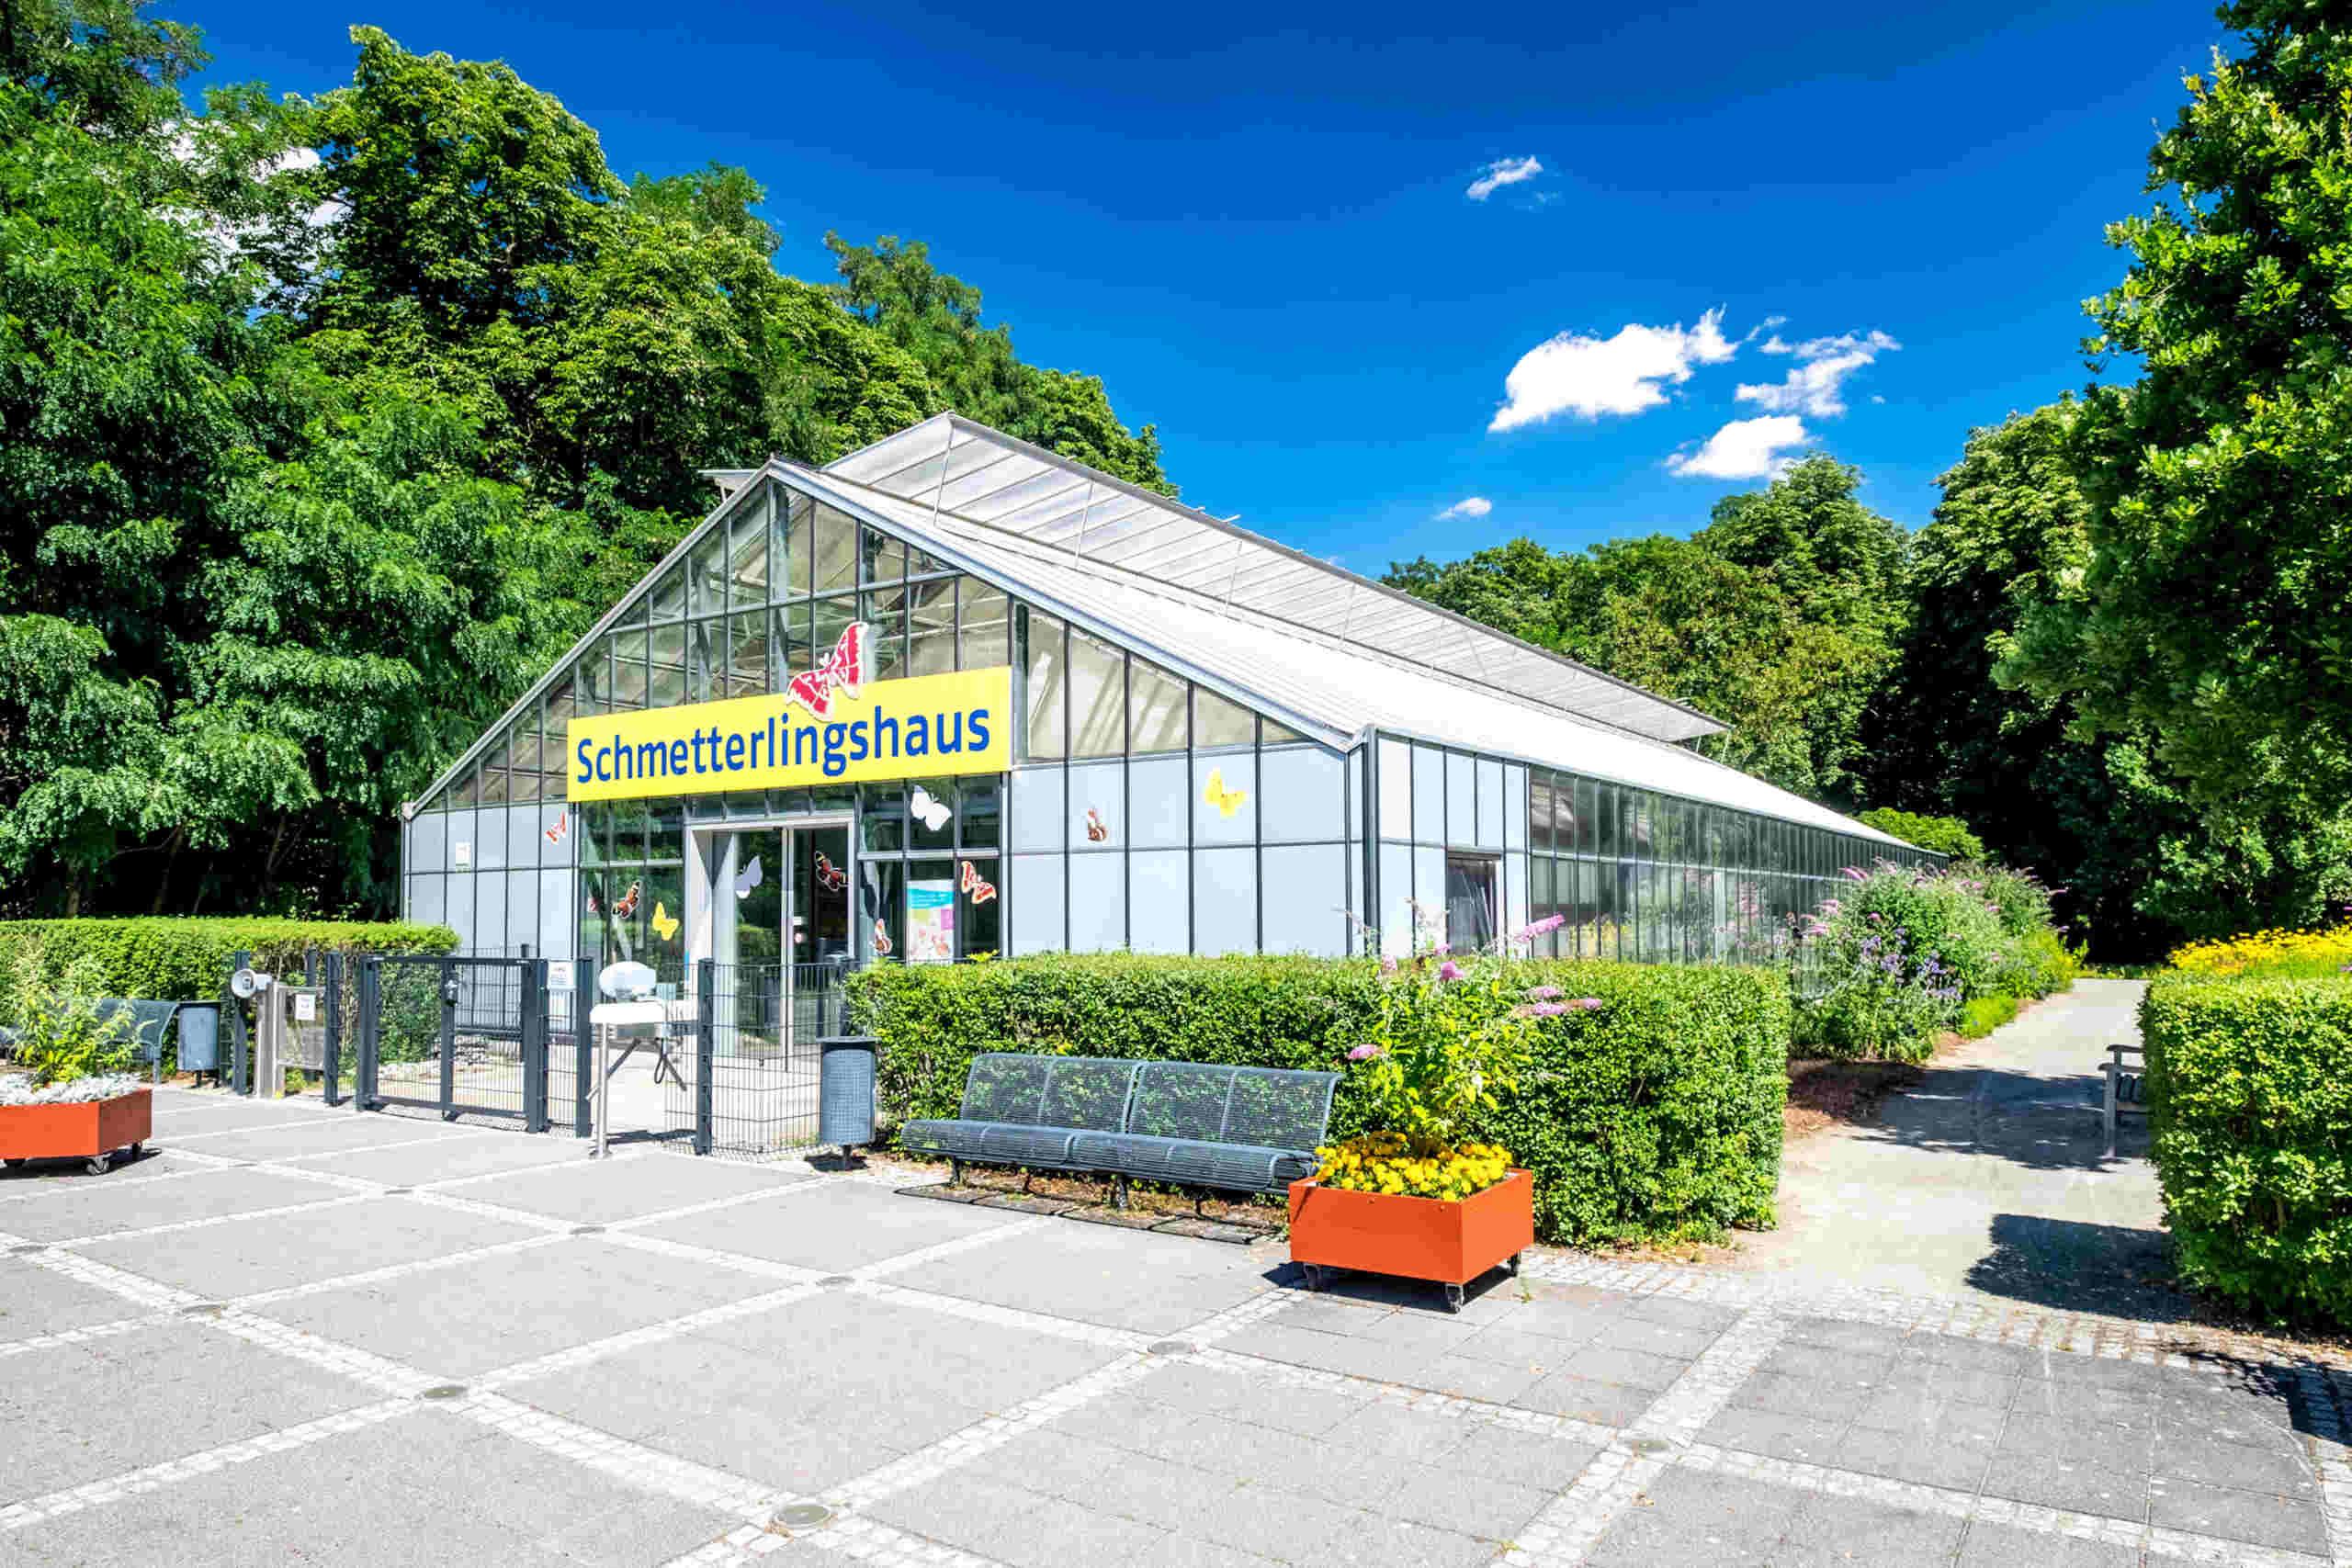 Das Schmetterlingshaus im Elbauenpark